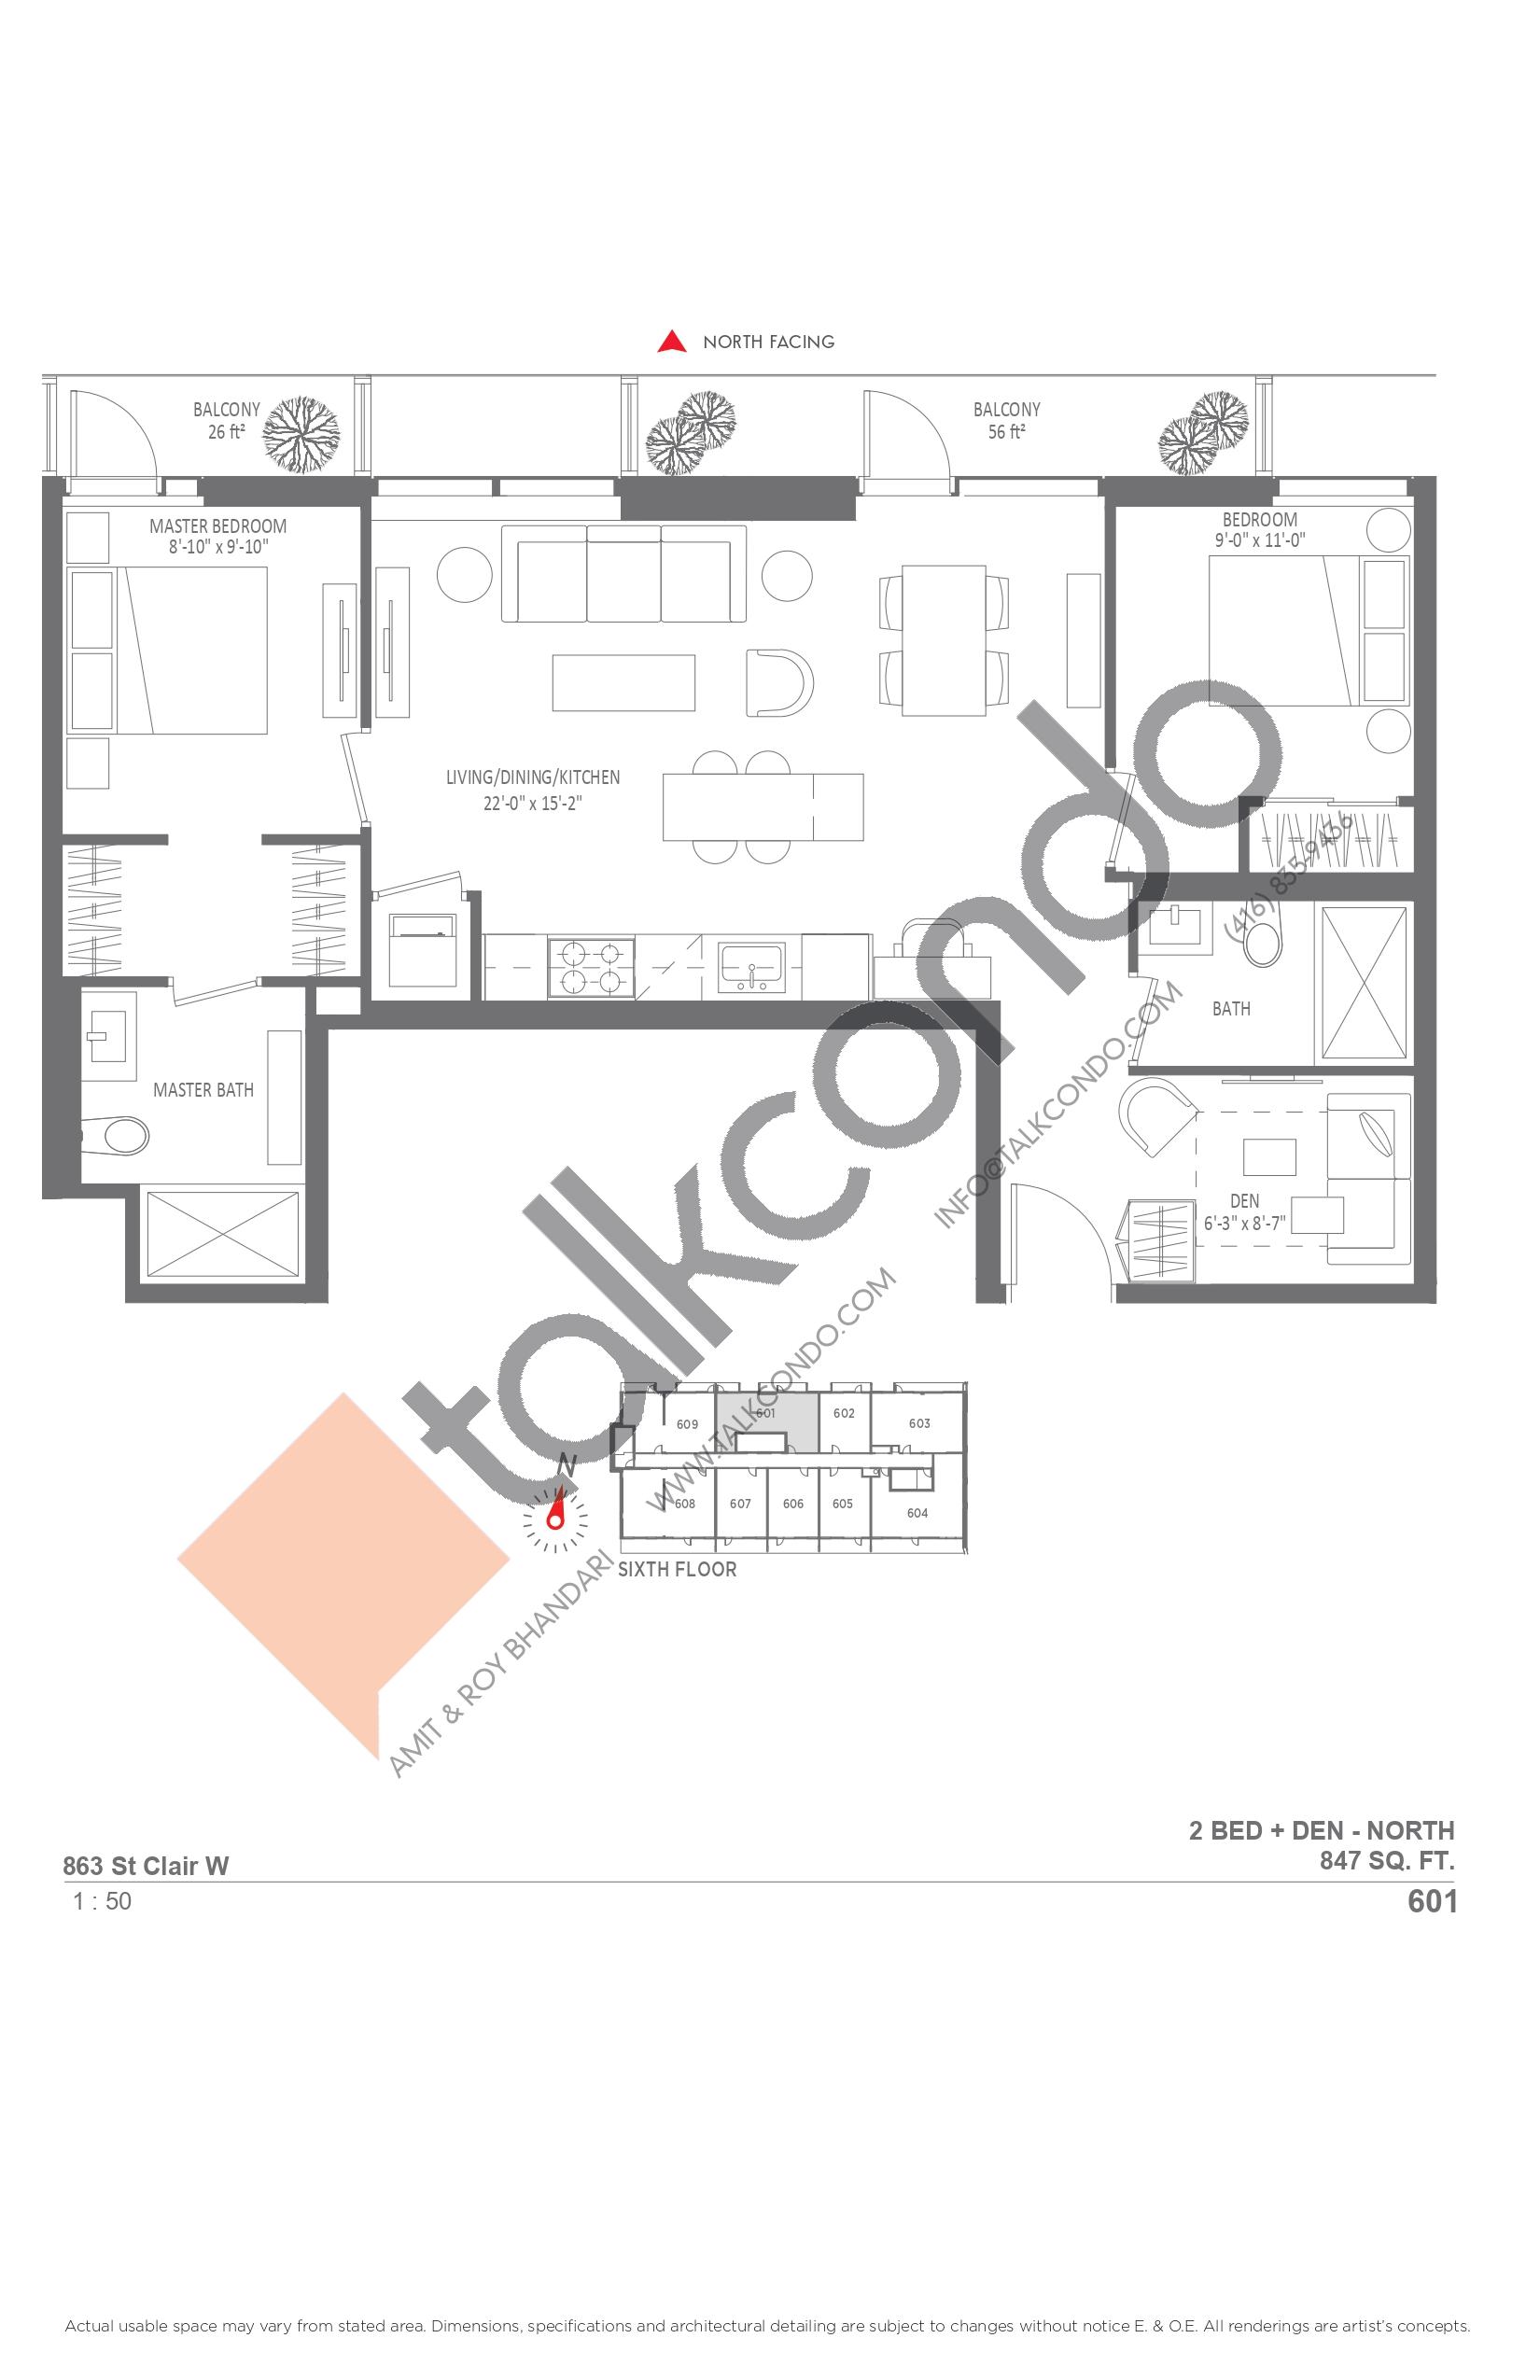 601 Floor Plan at Monza Condos - 847 sq.ft